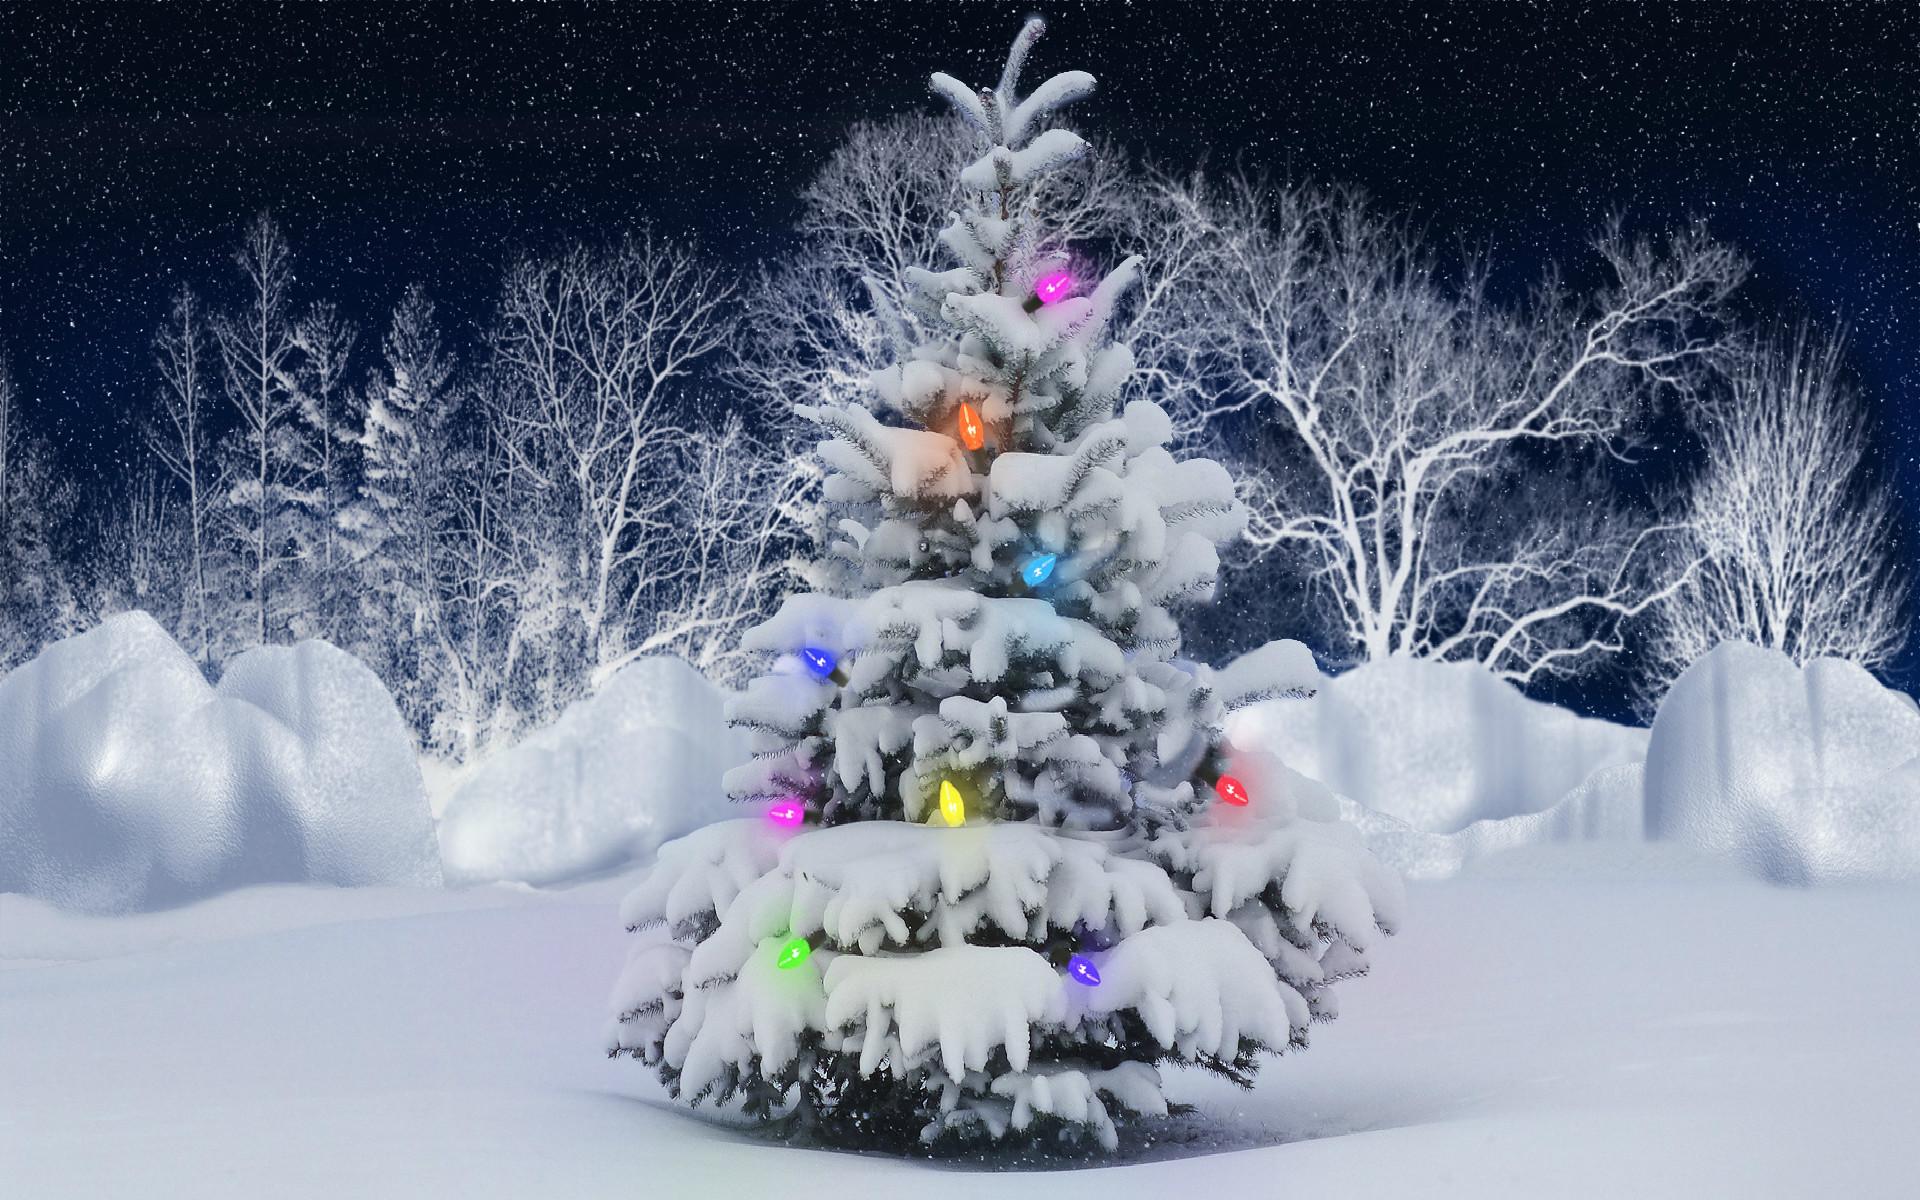 21 Christmas Tree Wallpapers